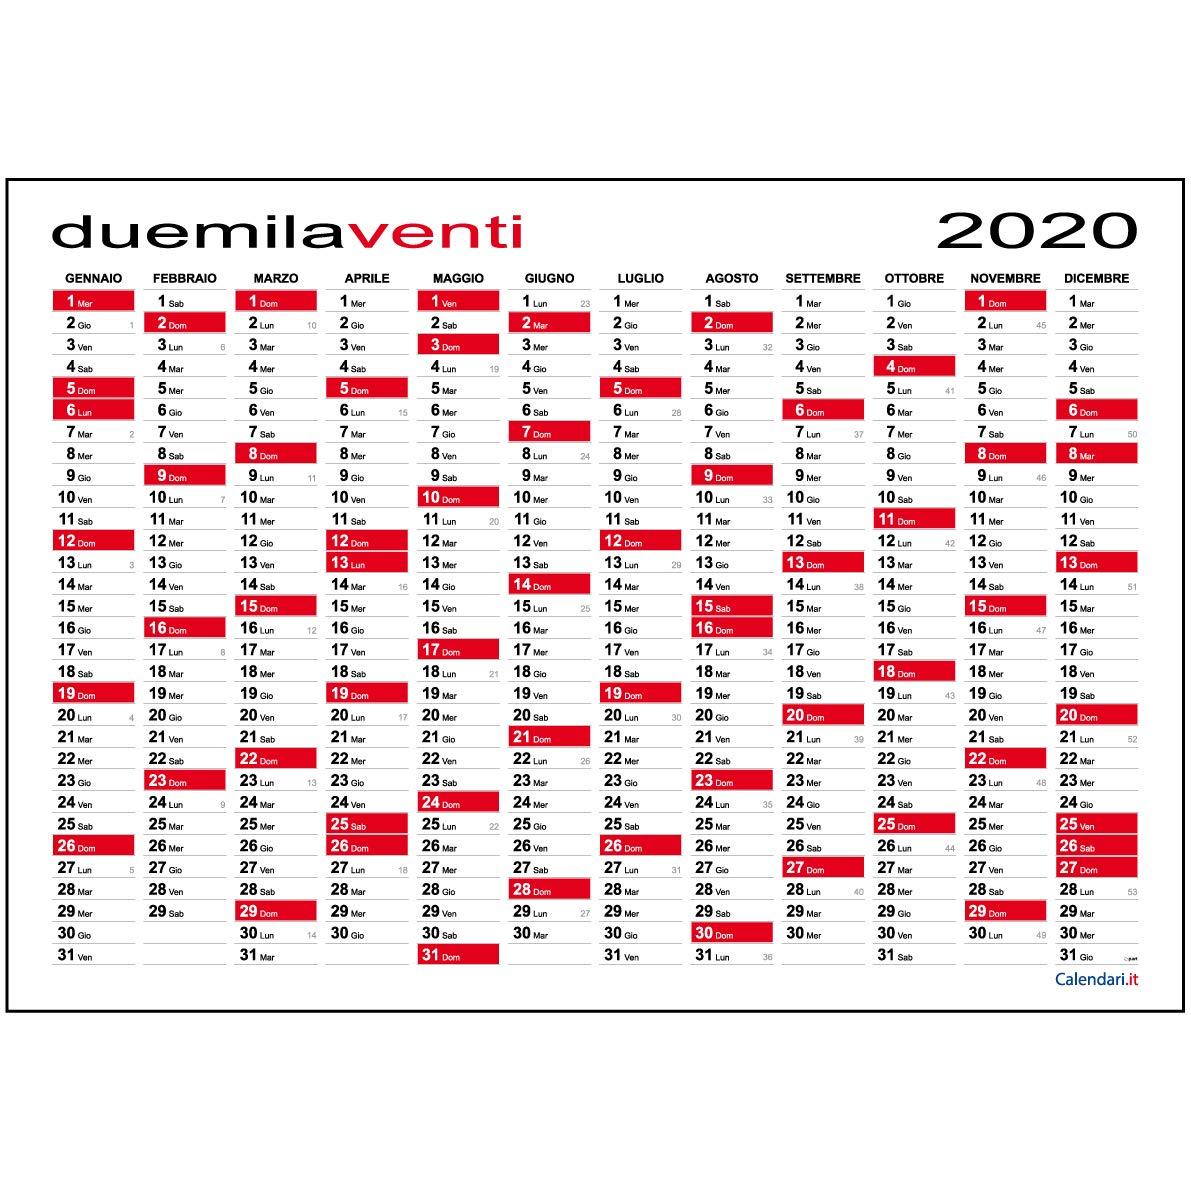 Calendario 2020 da muro planner MAXI 118x84 cm planning annuale per ufficio SPEDITO ARROTOLATO SENZA PIEGHE